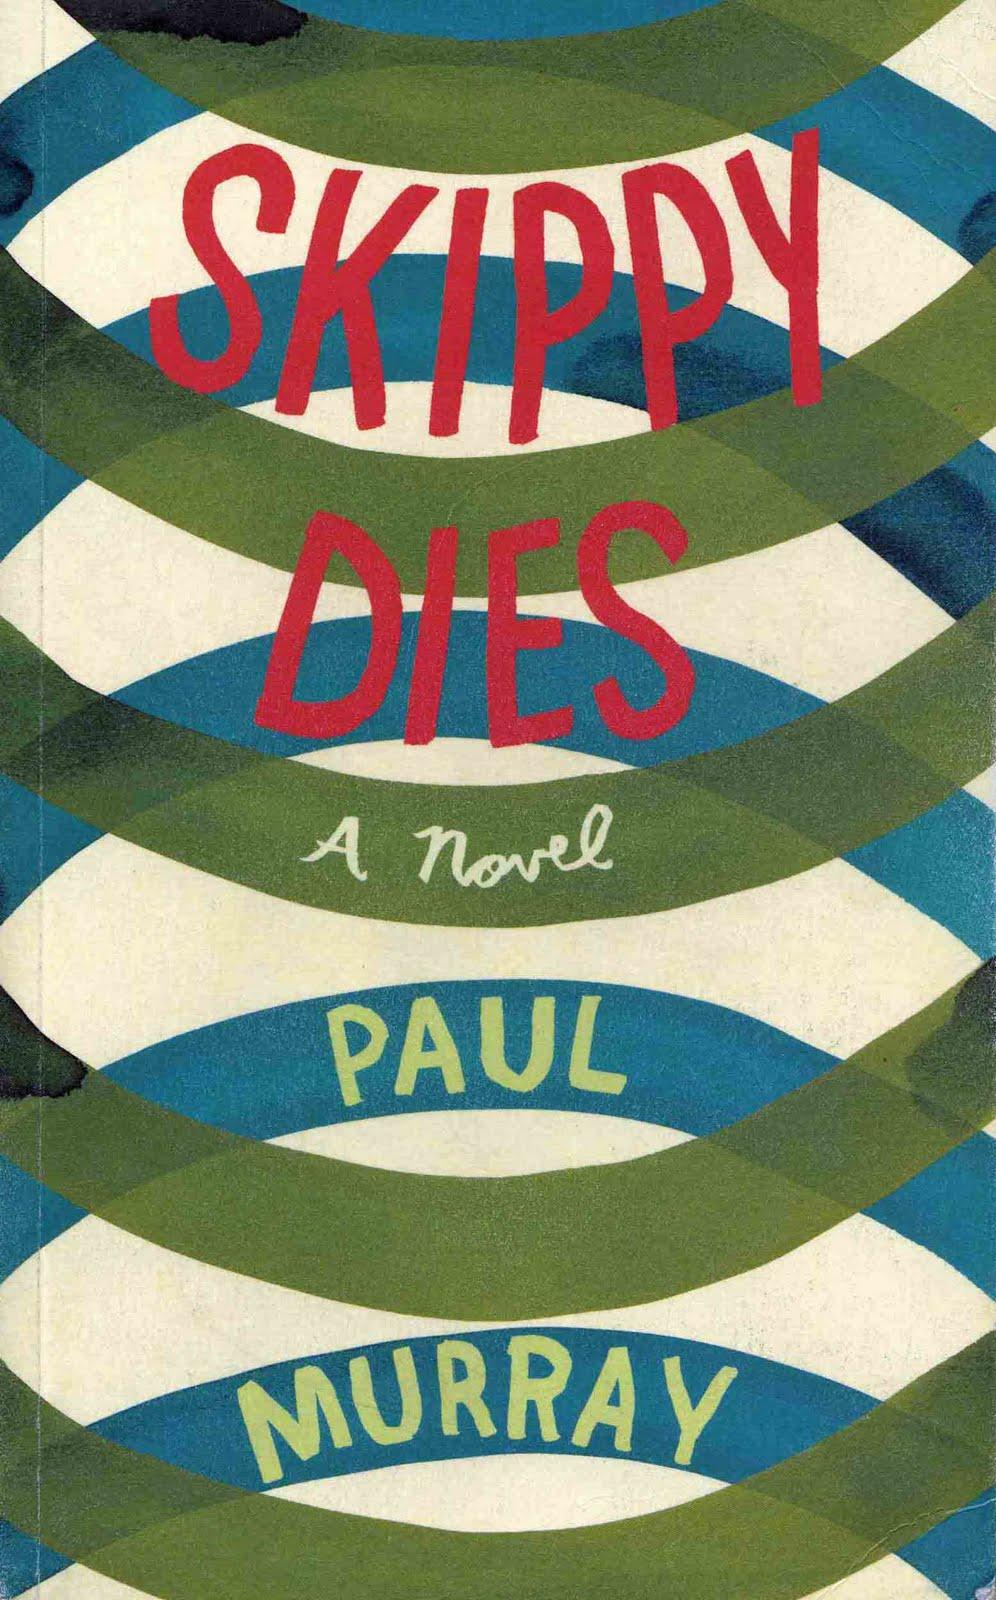 paul murray skippy dies